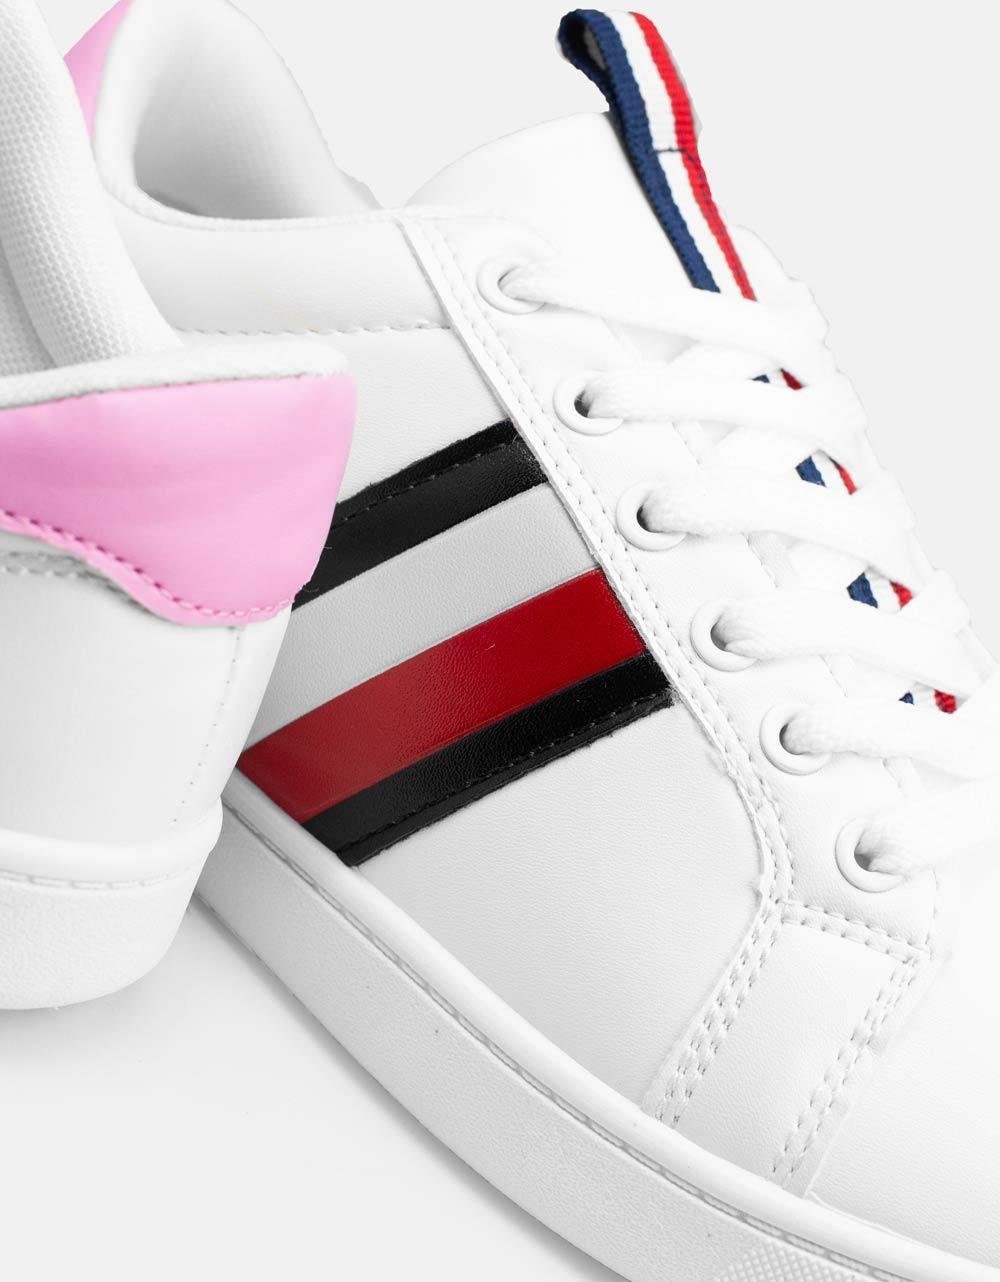 Εικόνα από Γυναικεία sneakers με ρίγες στο πλαϊνό μέρος Λευκό/Ροζ